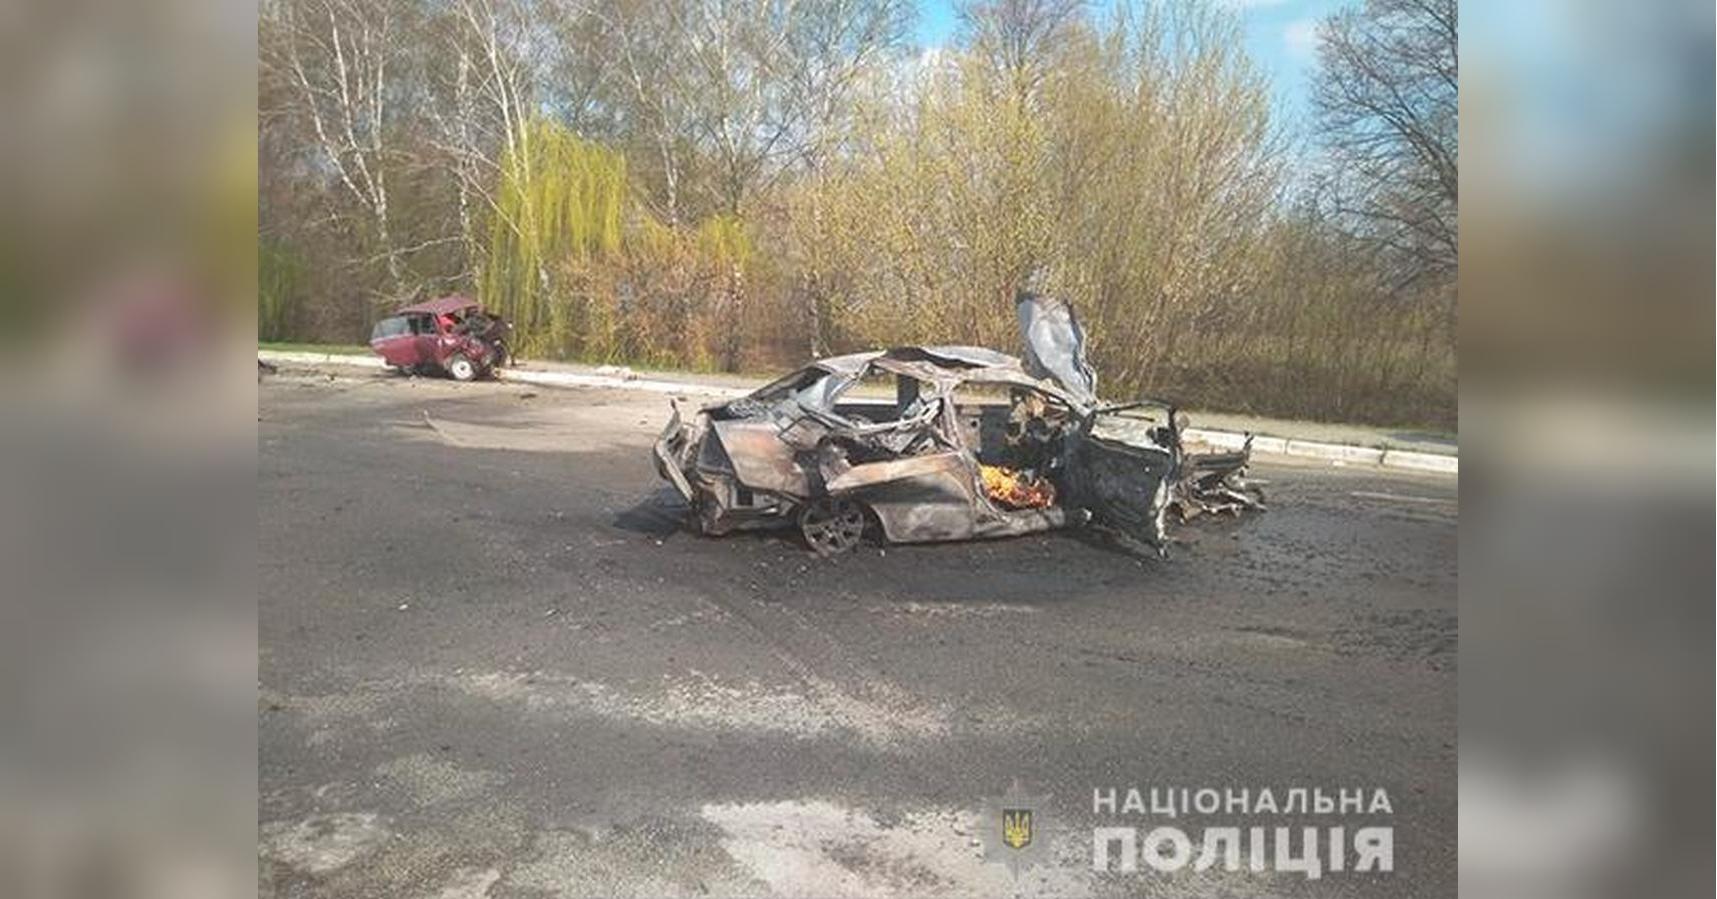 Картинки по запросу шок аварии